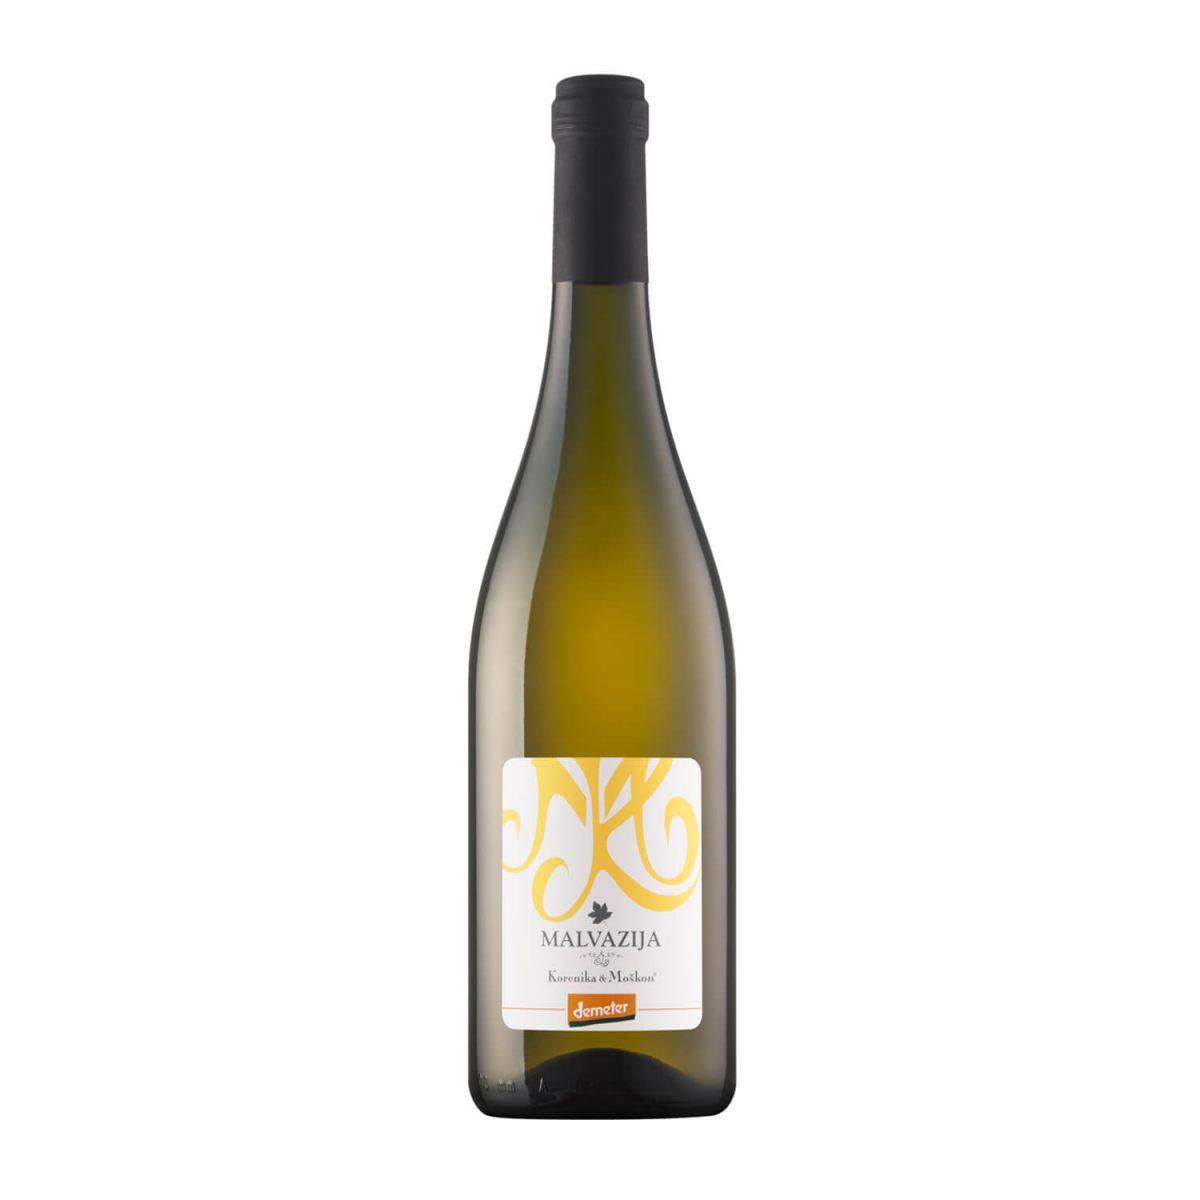 Sveža Malvazija. Vino Malvazija, belo vino, letnik 2018. Sveže vino.